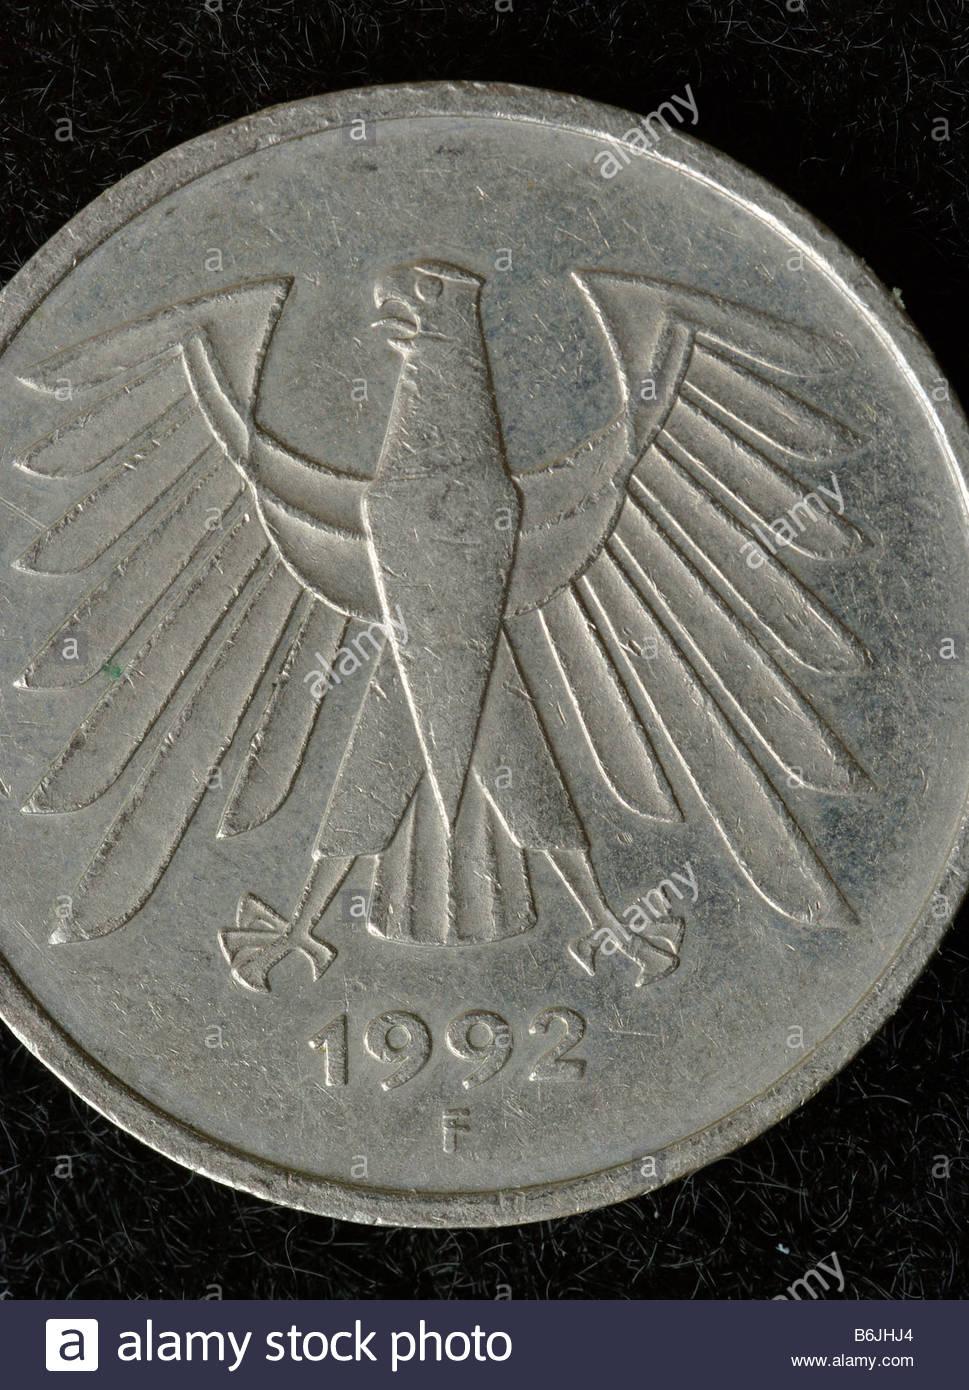 Single deutsch